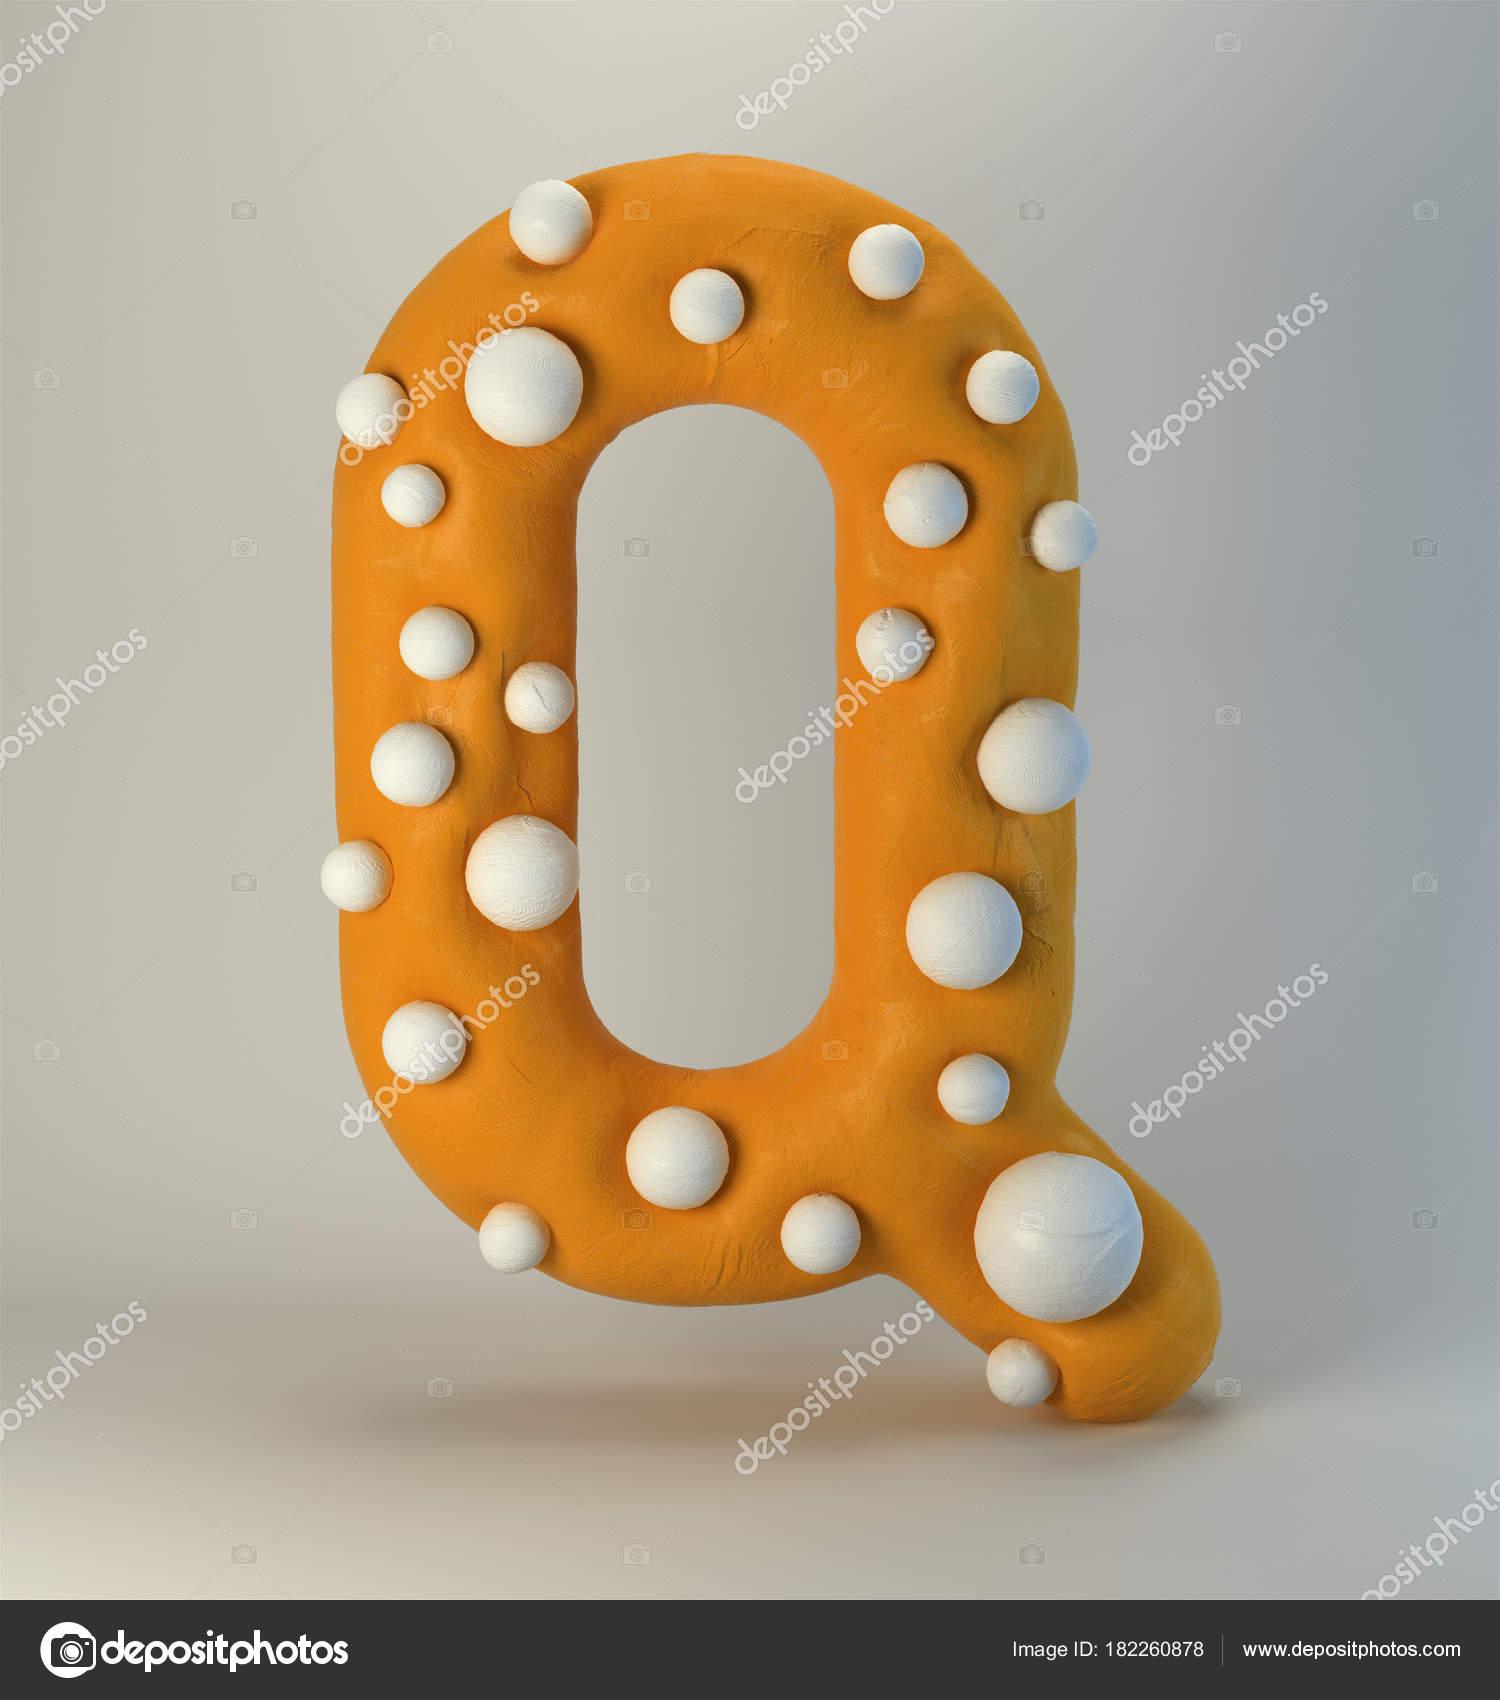 Plastilina fatti mano lettera alfabeto stile cartone animato carino